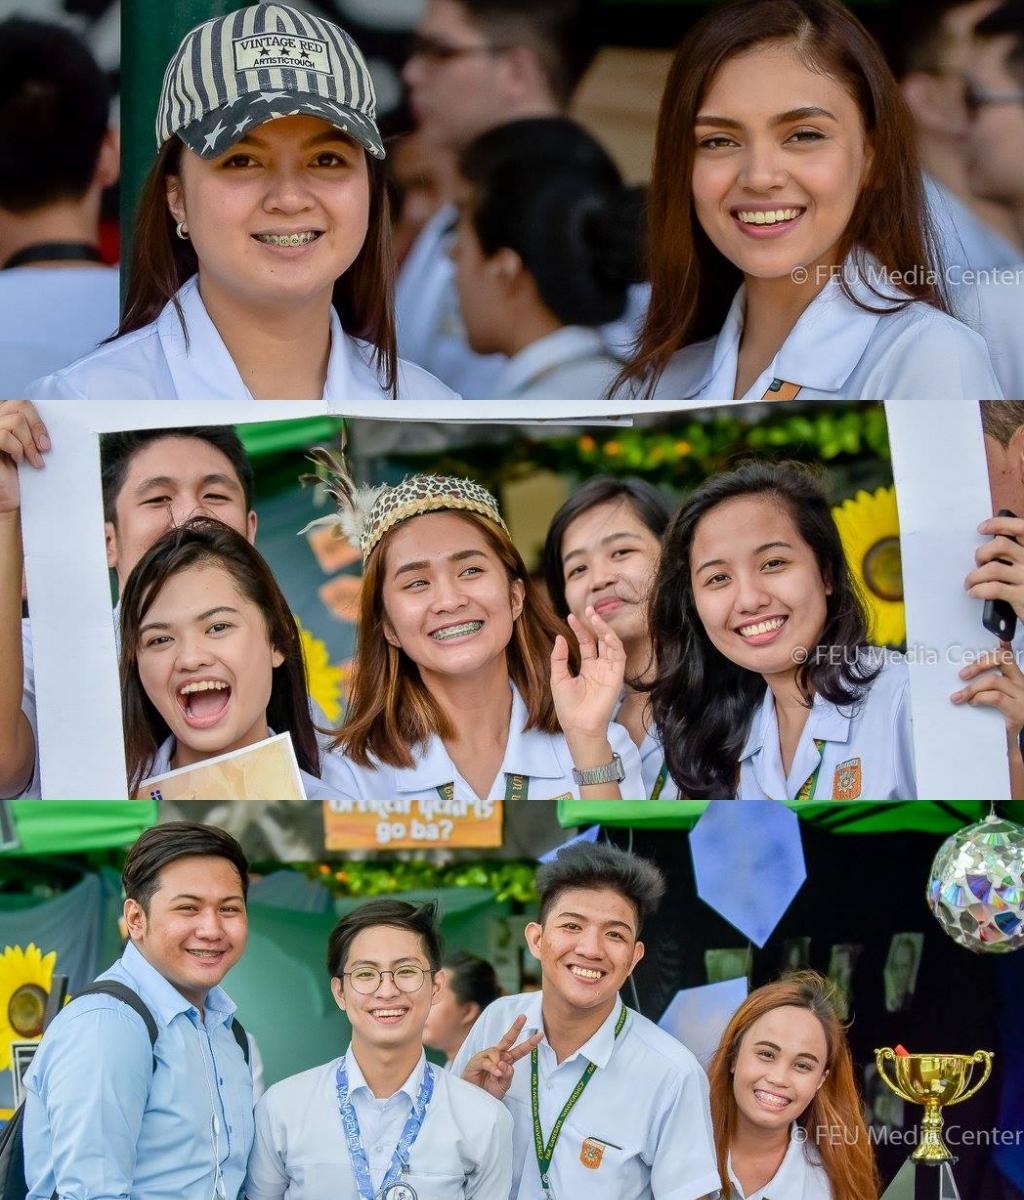 Students of FEU Manila